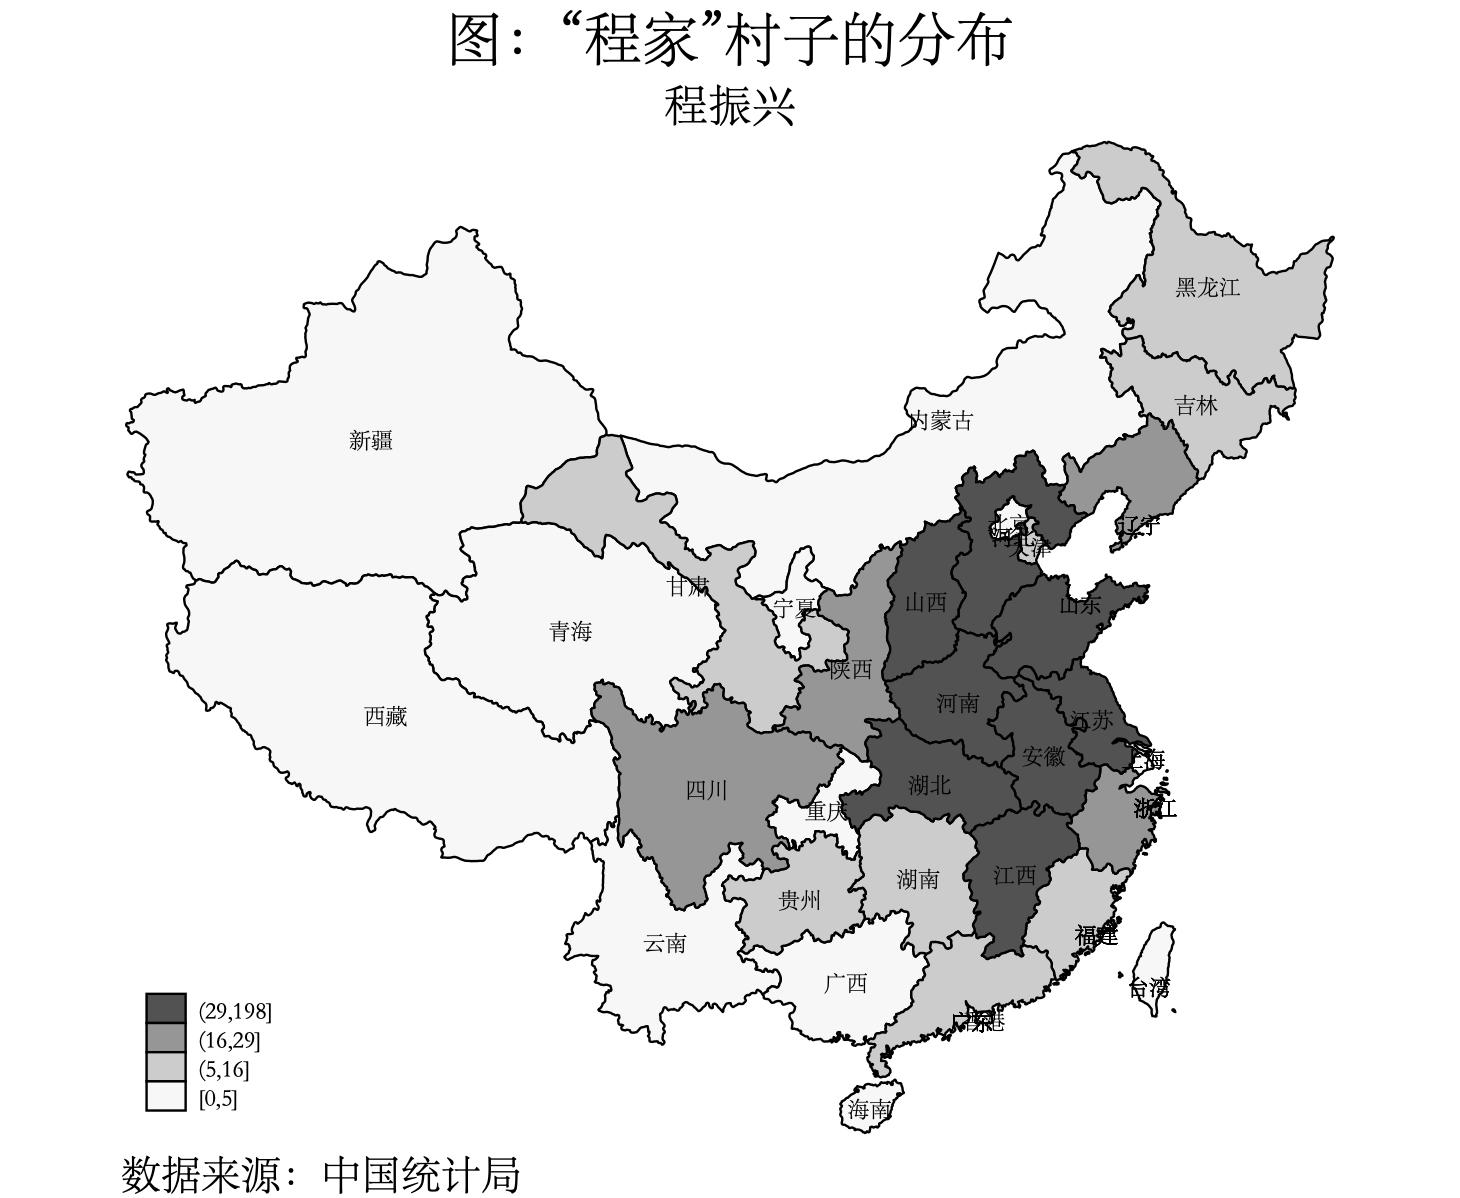 程姓村子的省份分布